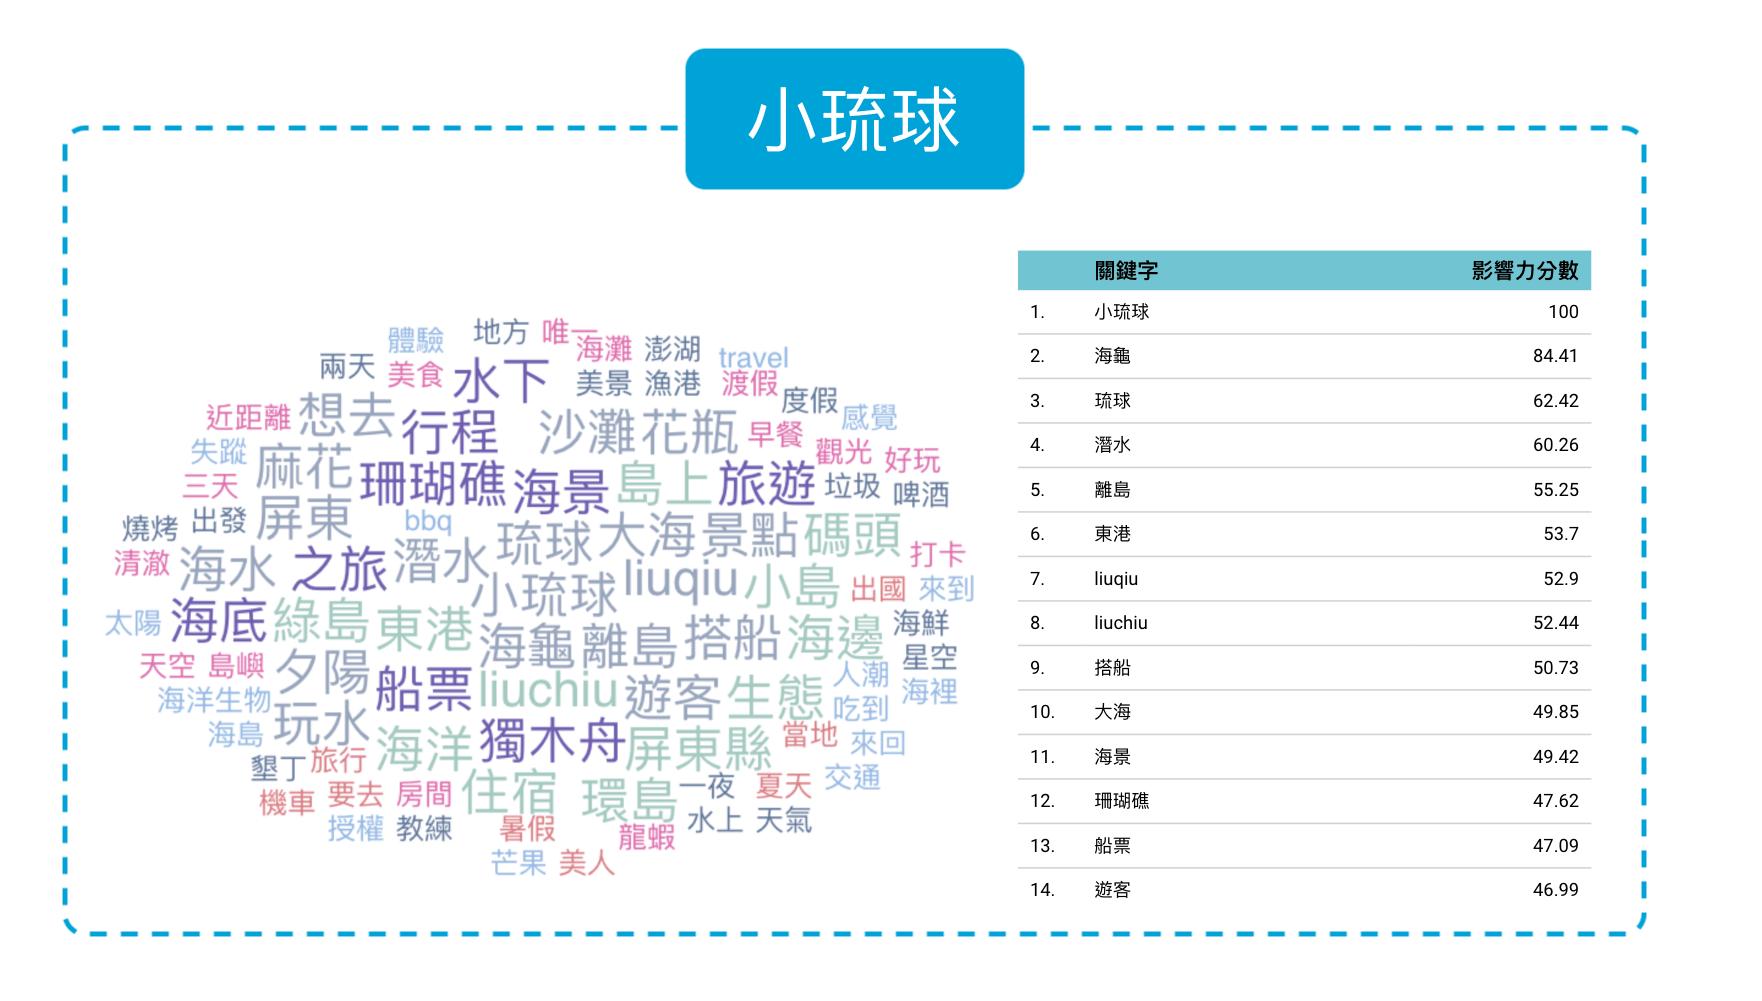 小琉球旅遊文字雲